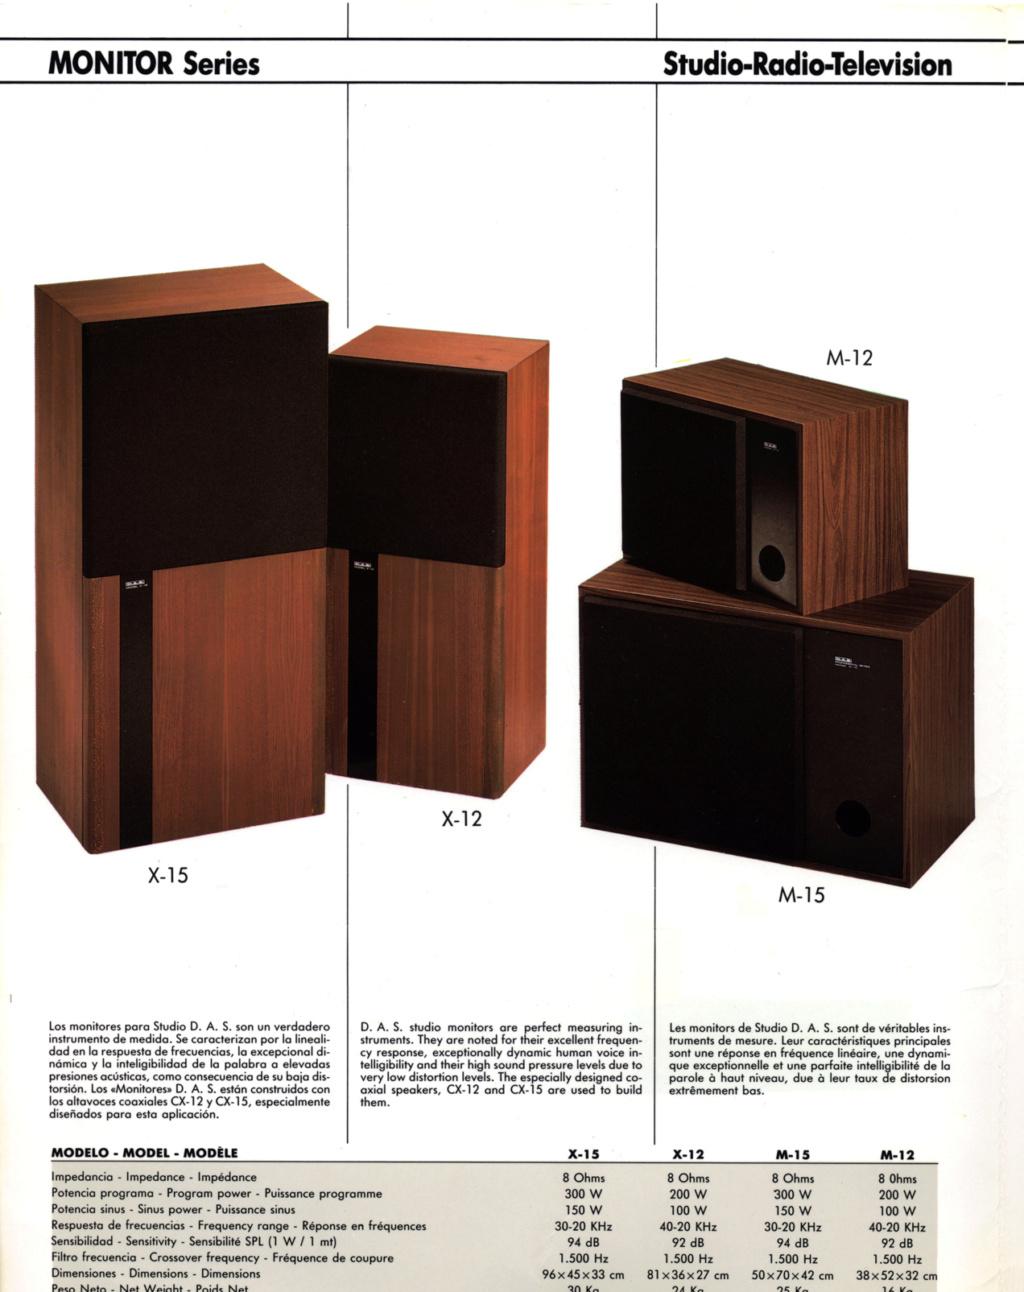 MINI EXPOSICION VINTAGE (CARTAGENA) - Página 2 Das_au11